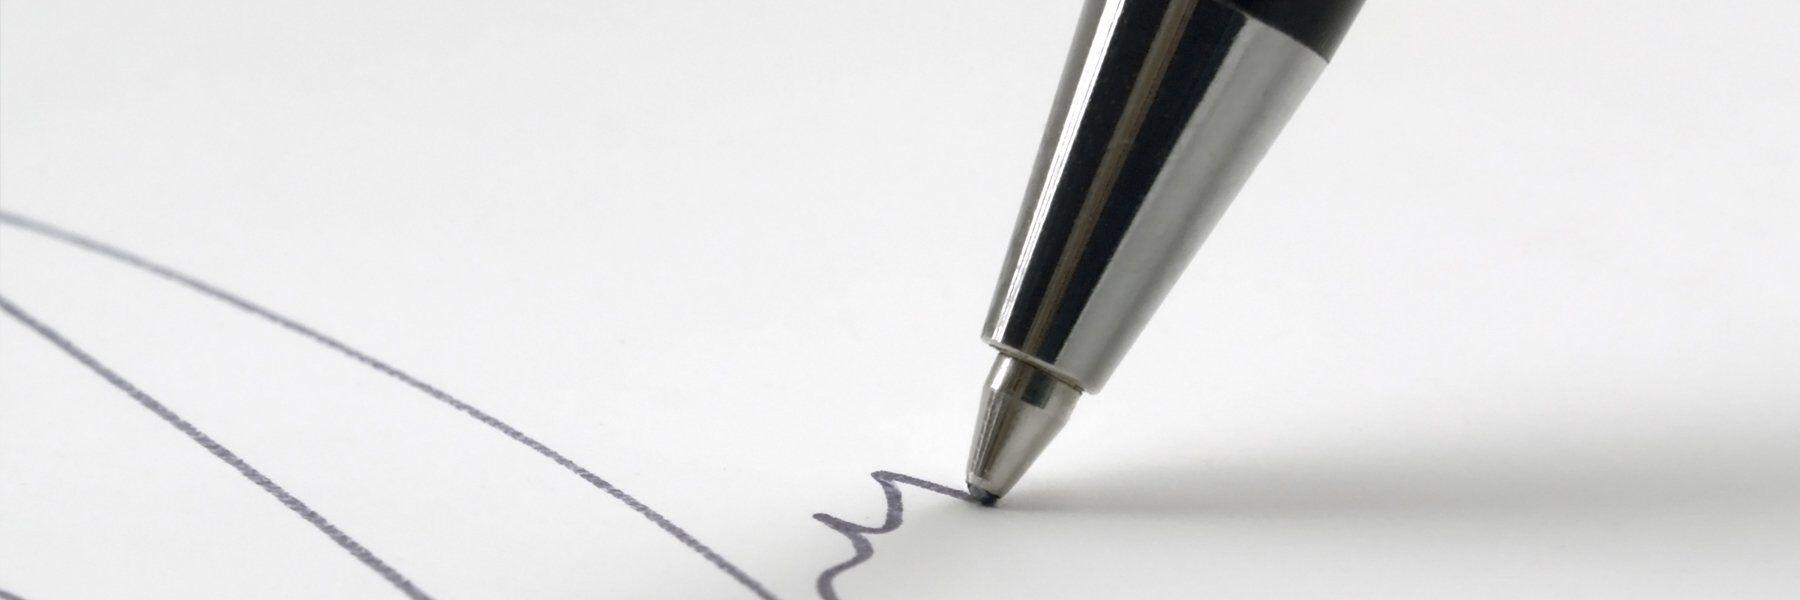 zoom in of pen in use